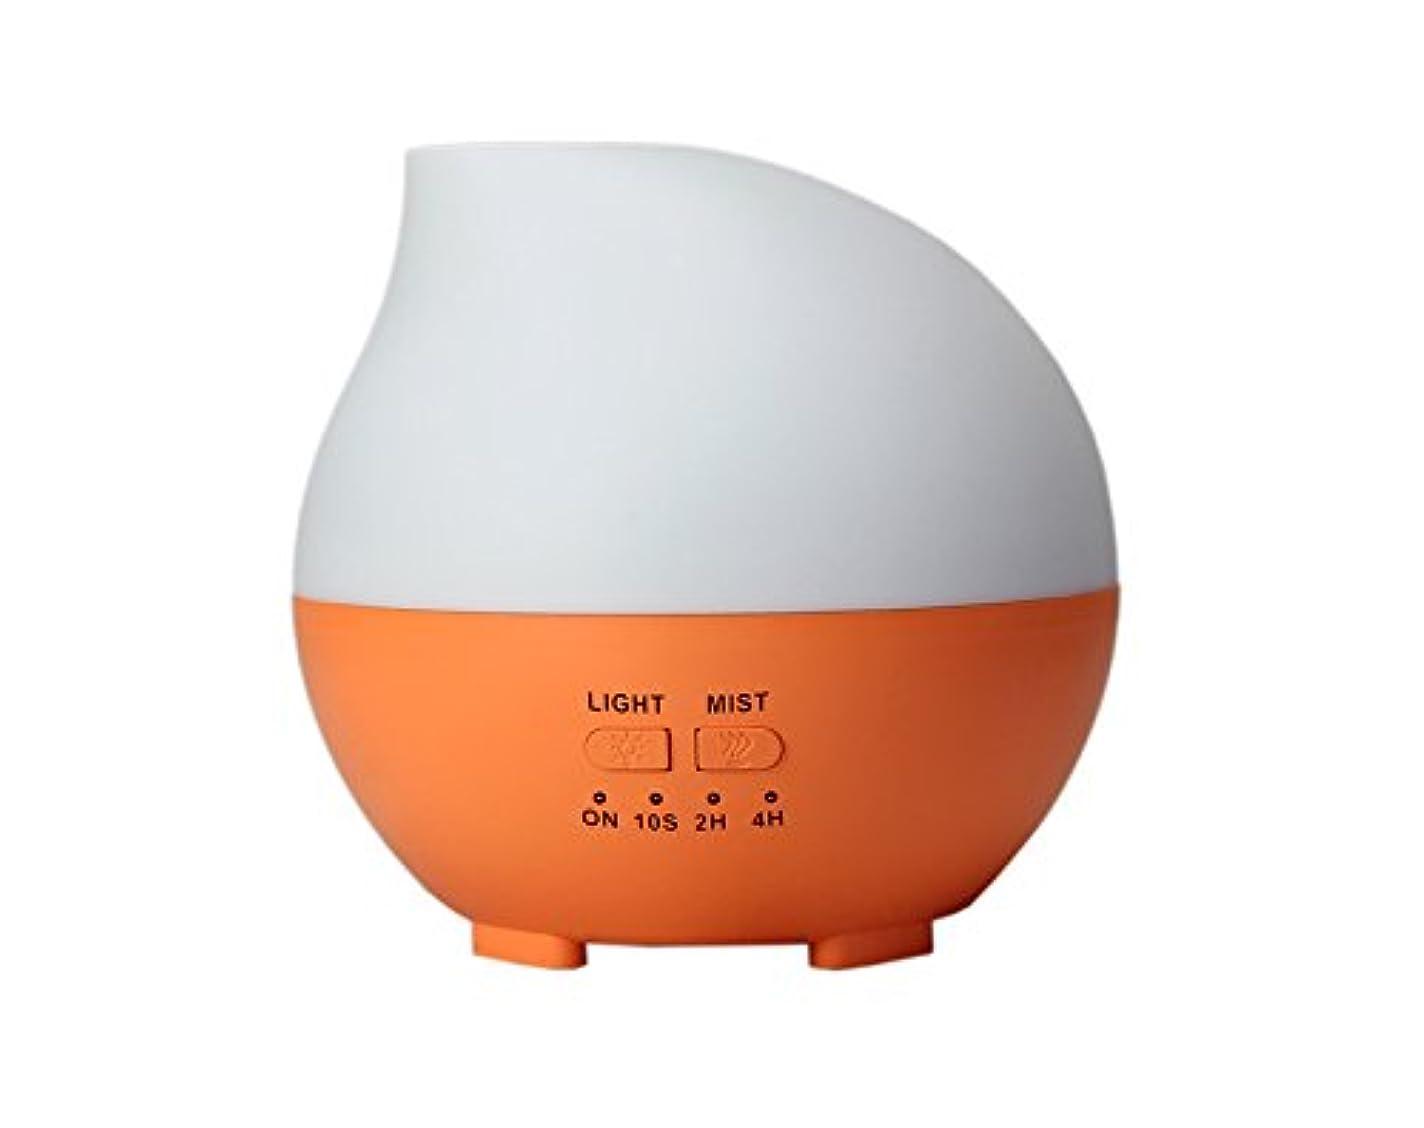 不利サポート計り知れないLIBESON 加湿器 卓上 超音波 静音大容量 アロマディフューザー コンセント差し込み式 ムードランプ シンプル ホイップ型 オレンジ